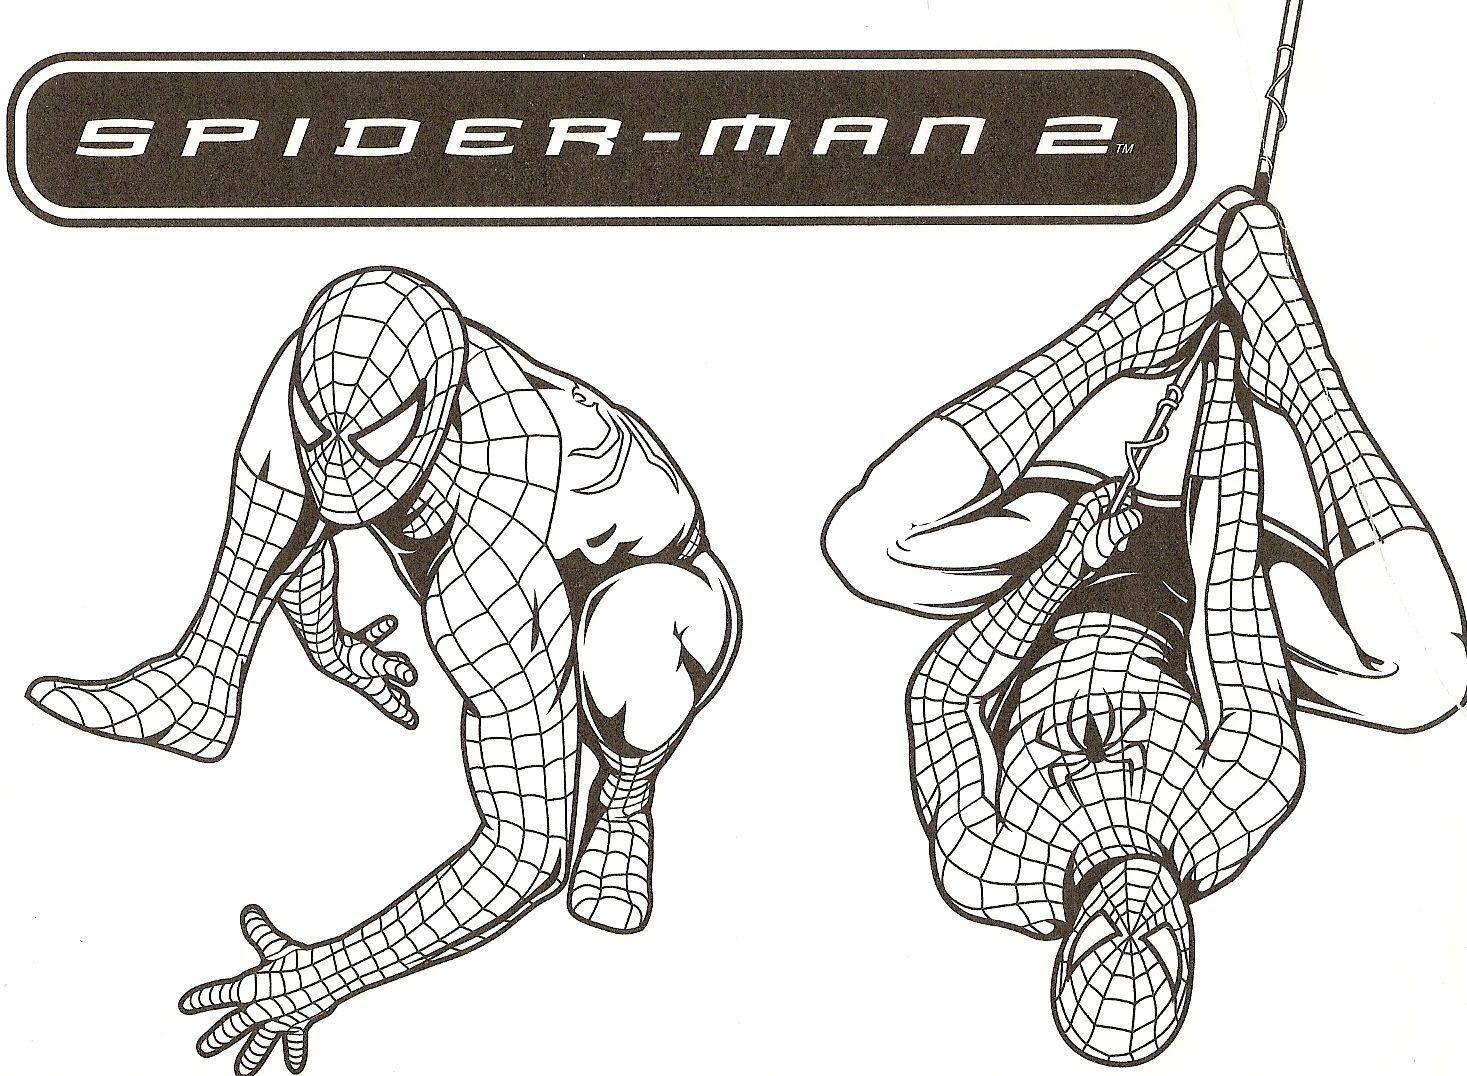 Spiderman a colorier spiderman colorier - Coloriage petit spiderman ...